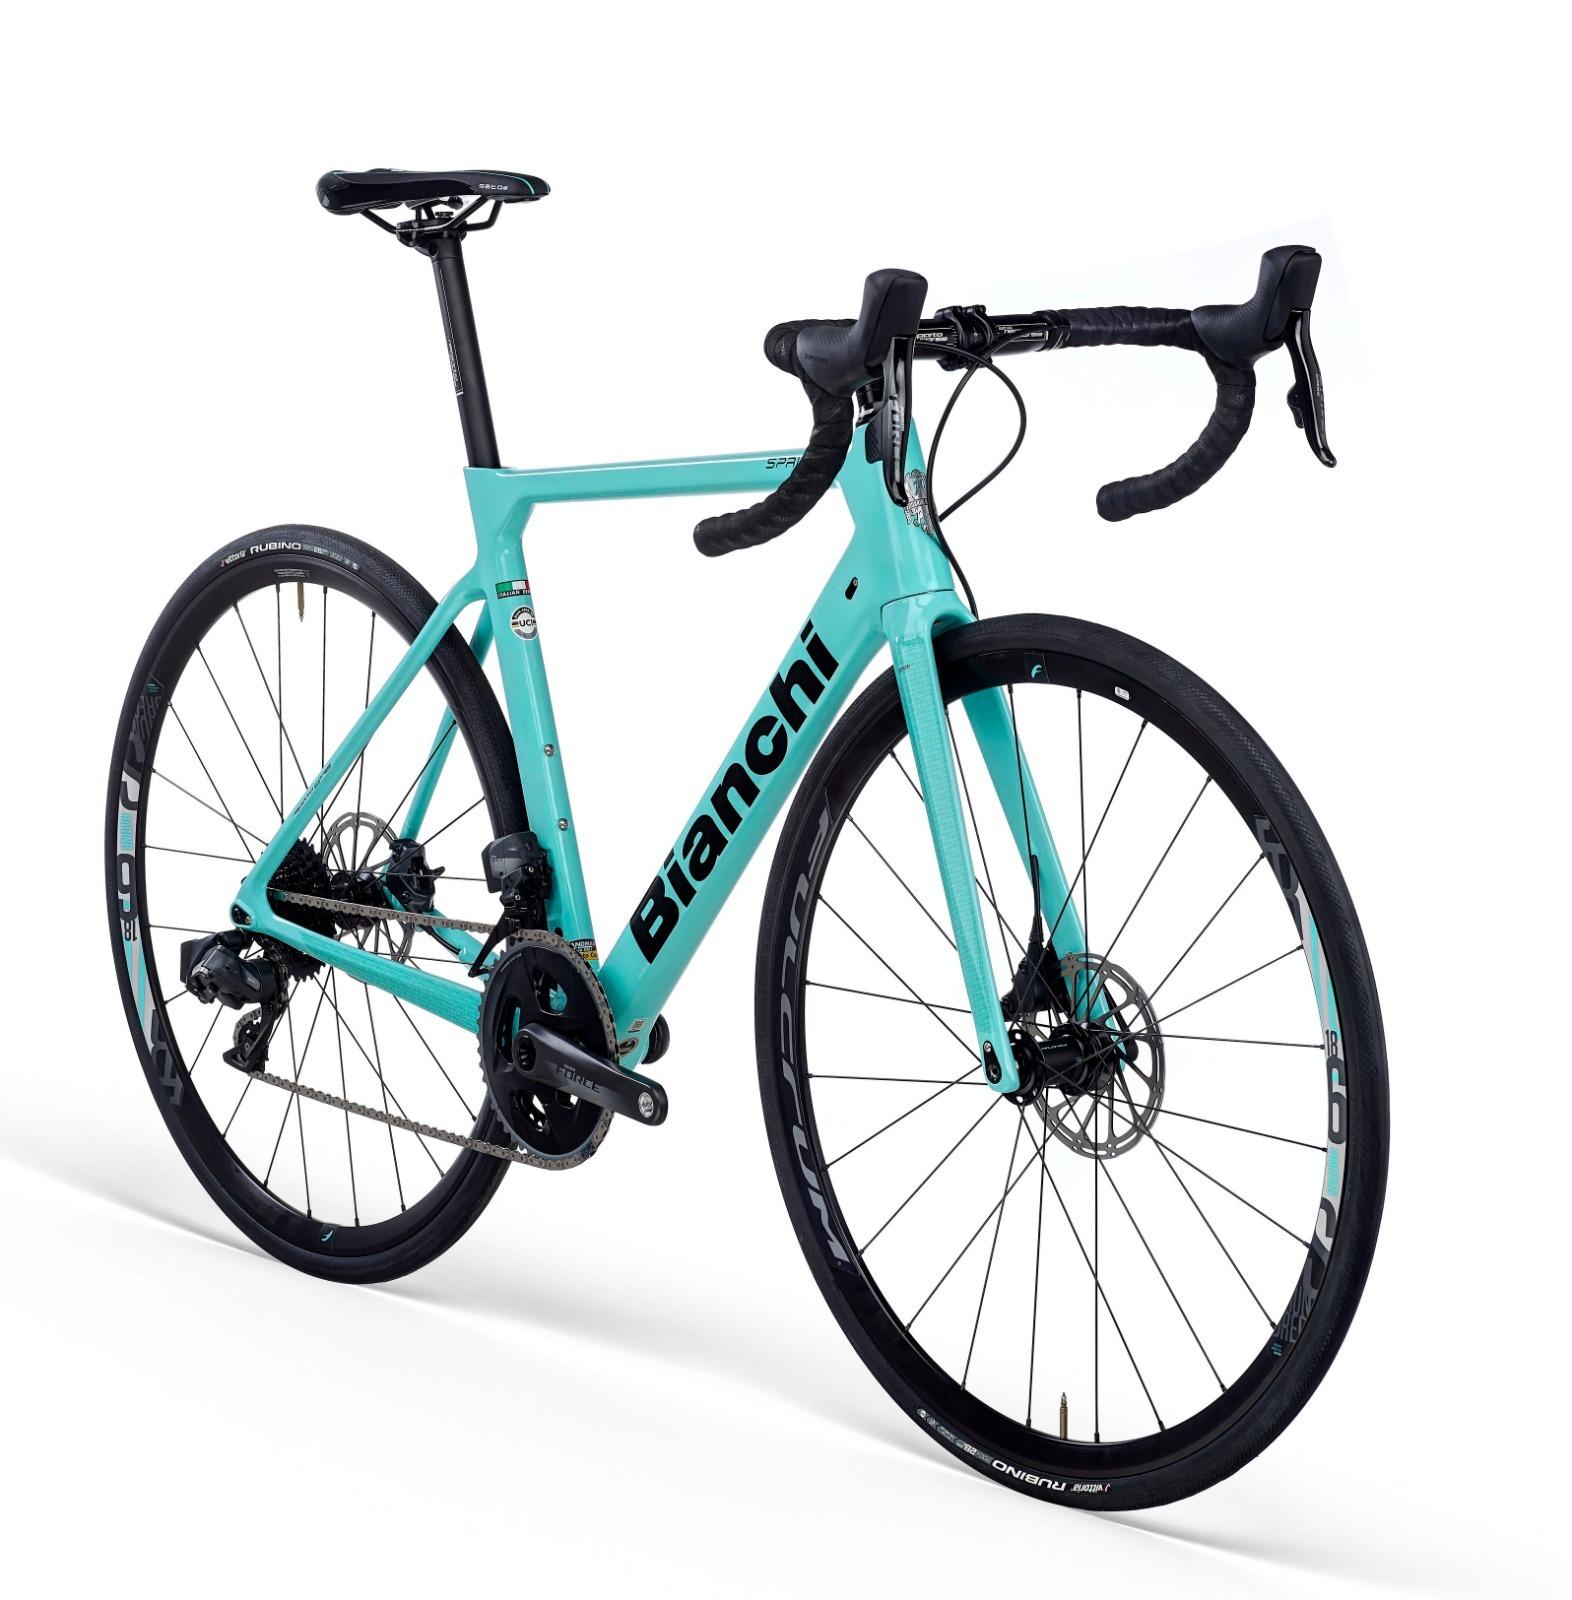 Noleggio Bici BIANCHI SPRINT Disc 2020 - Bellagio